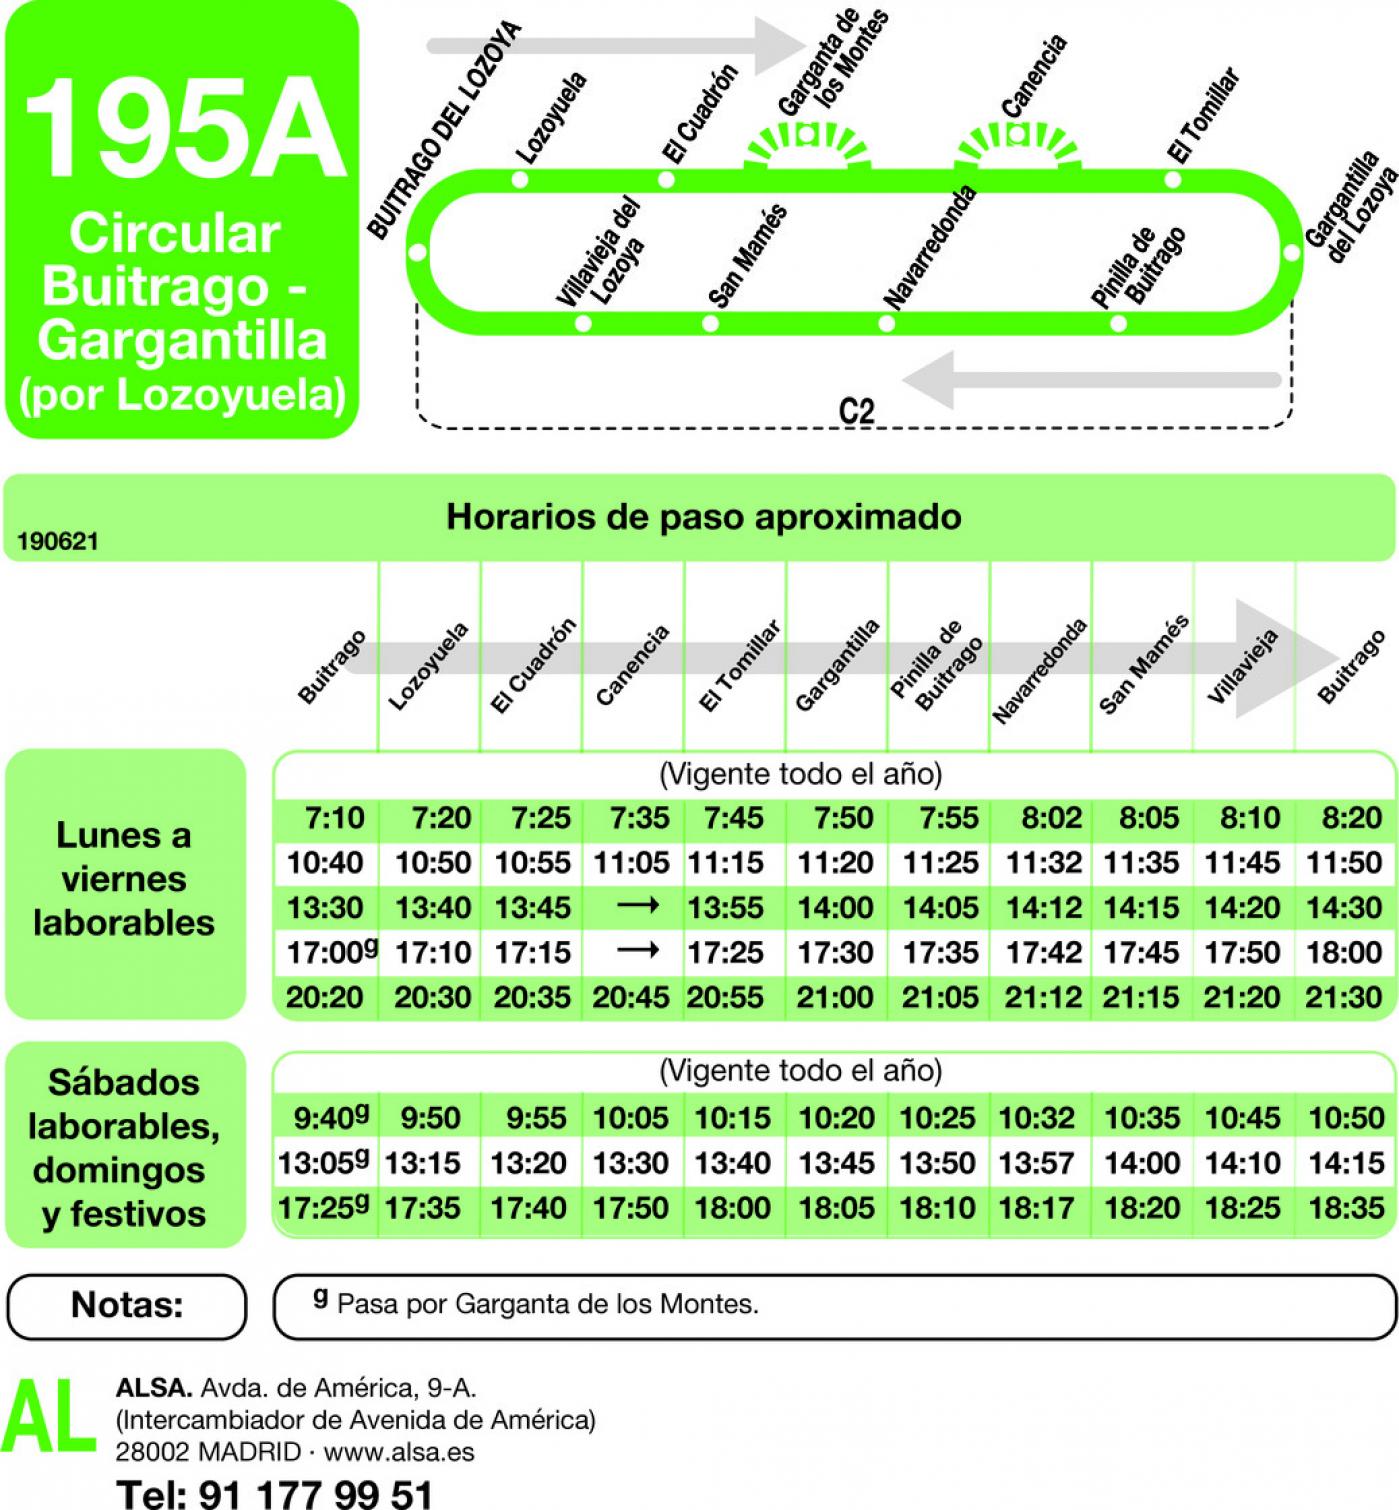 Tabla de horarios y frecuencias de paso en sentido vuelta Línea 195-A: Buitrago - Gargantilla - Lozoyuela